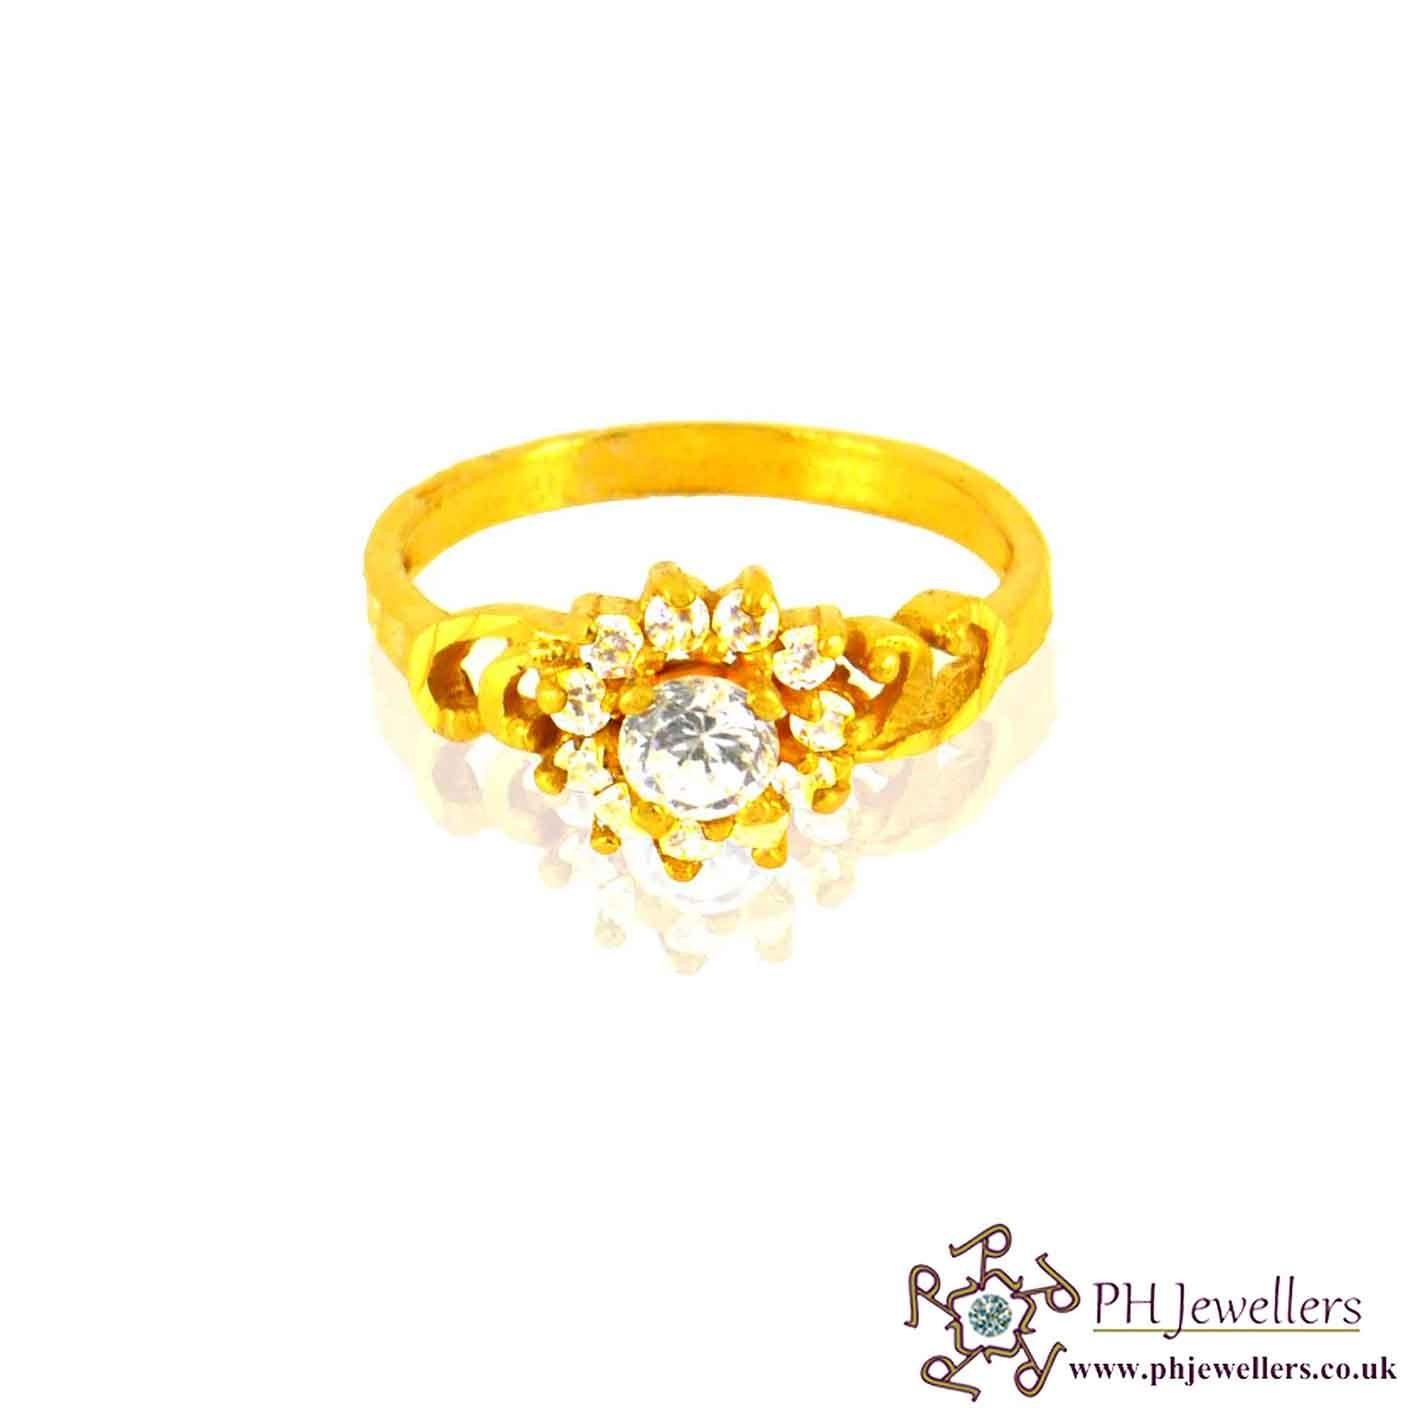 22ct 916 Hallmark Yellow Gold Round Size L,M,N Ring CZ SR16